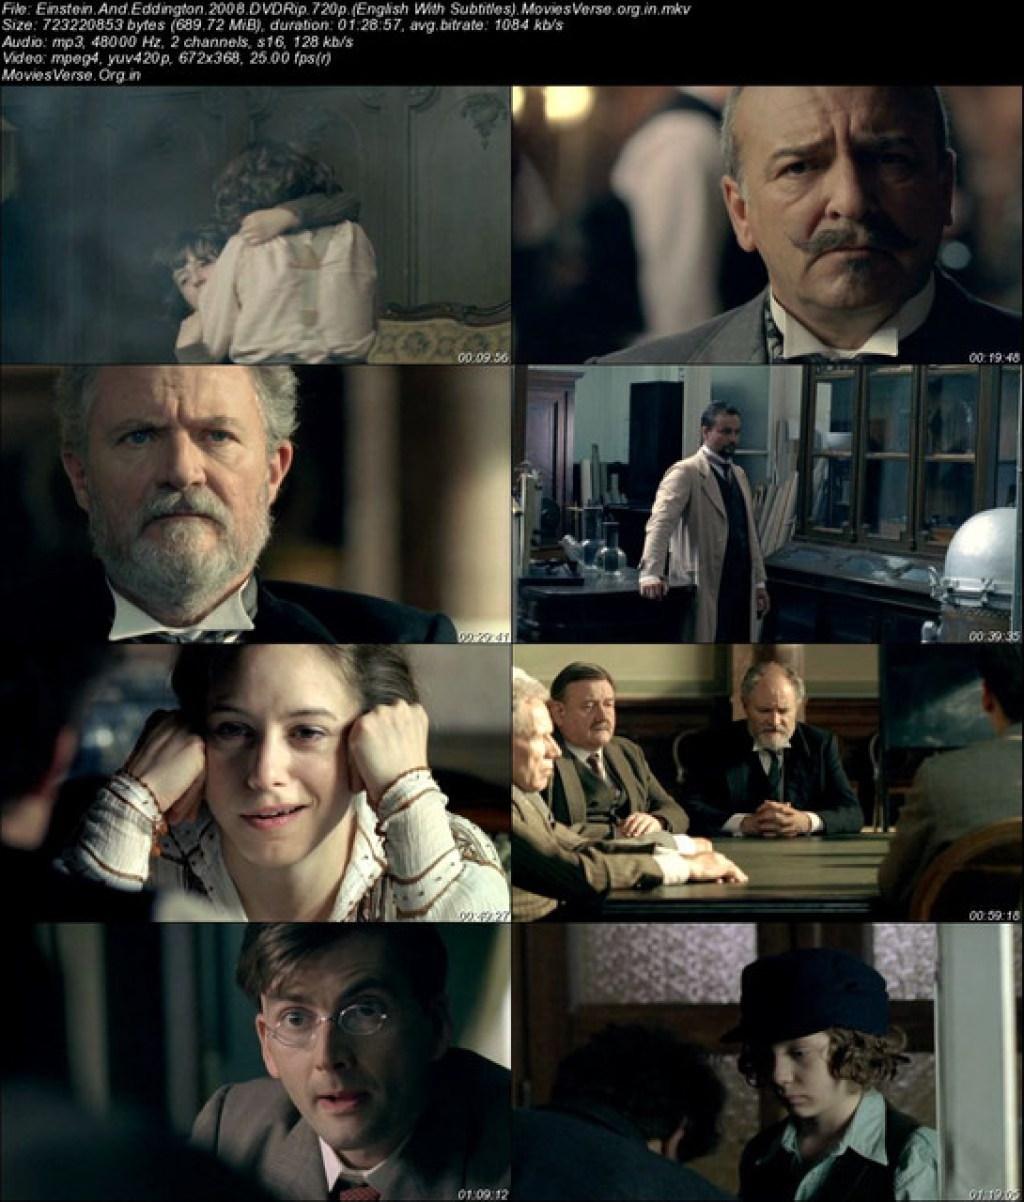 Einstein-And-Eddington-2008-DVDRip-720p-English-With-Subtitles-Movies-Verse-org-in